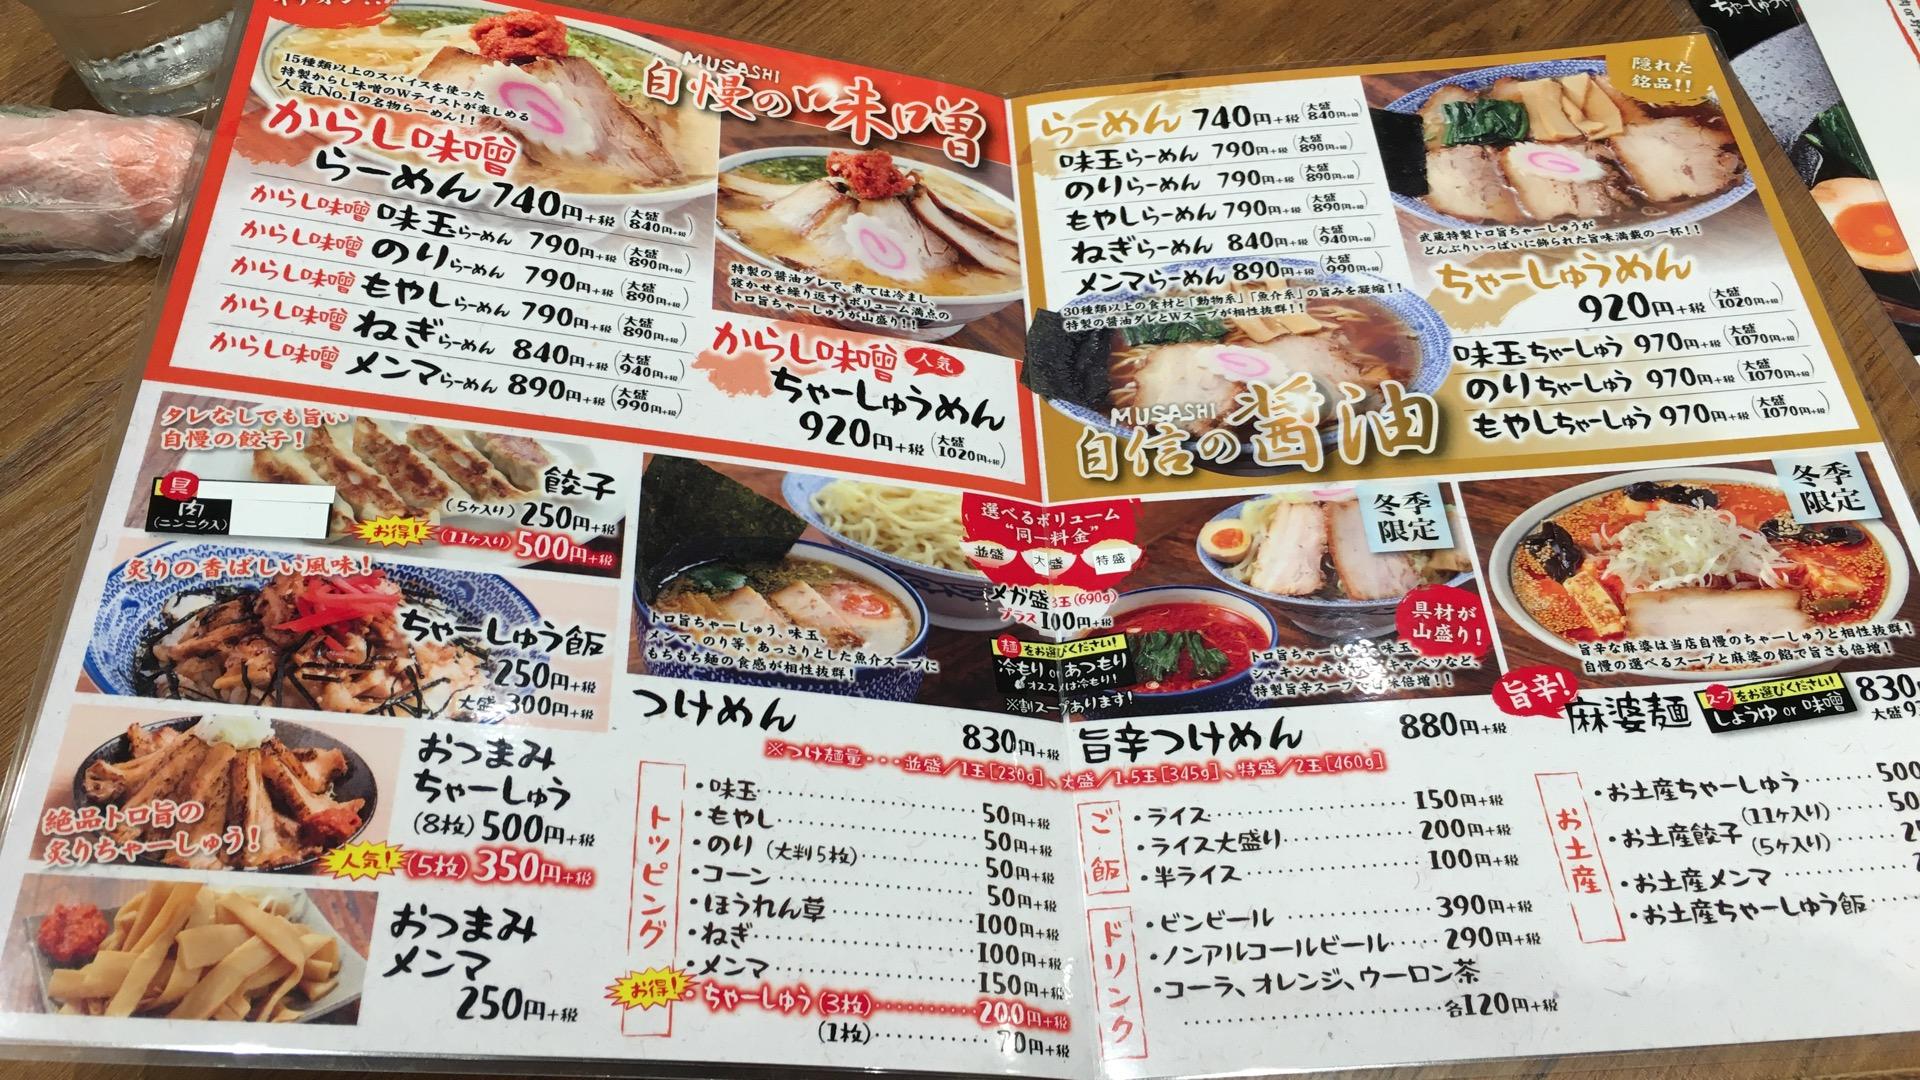 【桶川市】ベニバナウォーク内のラーメン店「ちゃーしゅうや 武蔵」に行ってきた